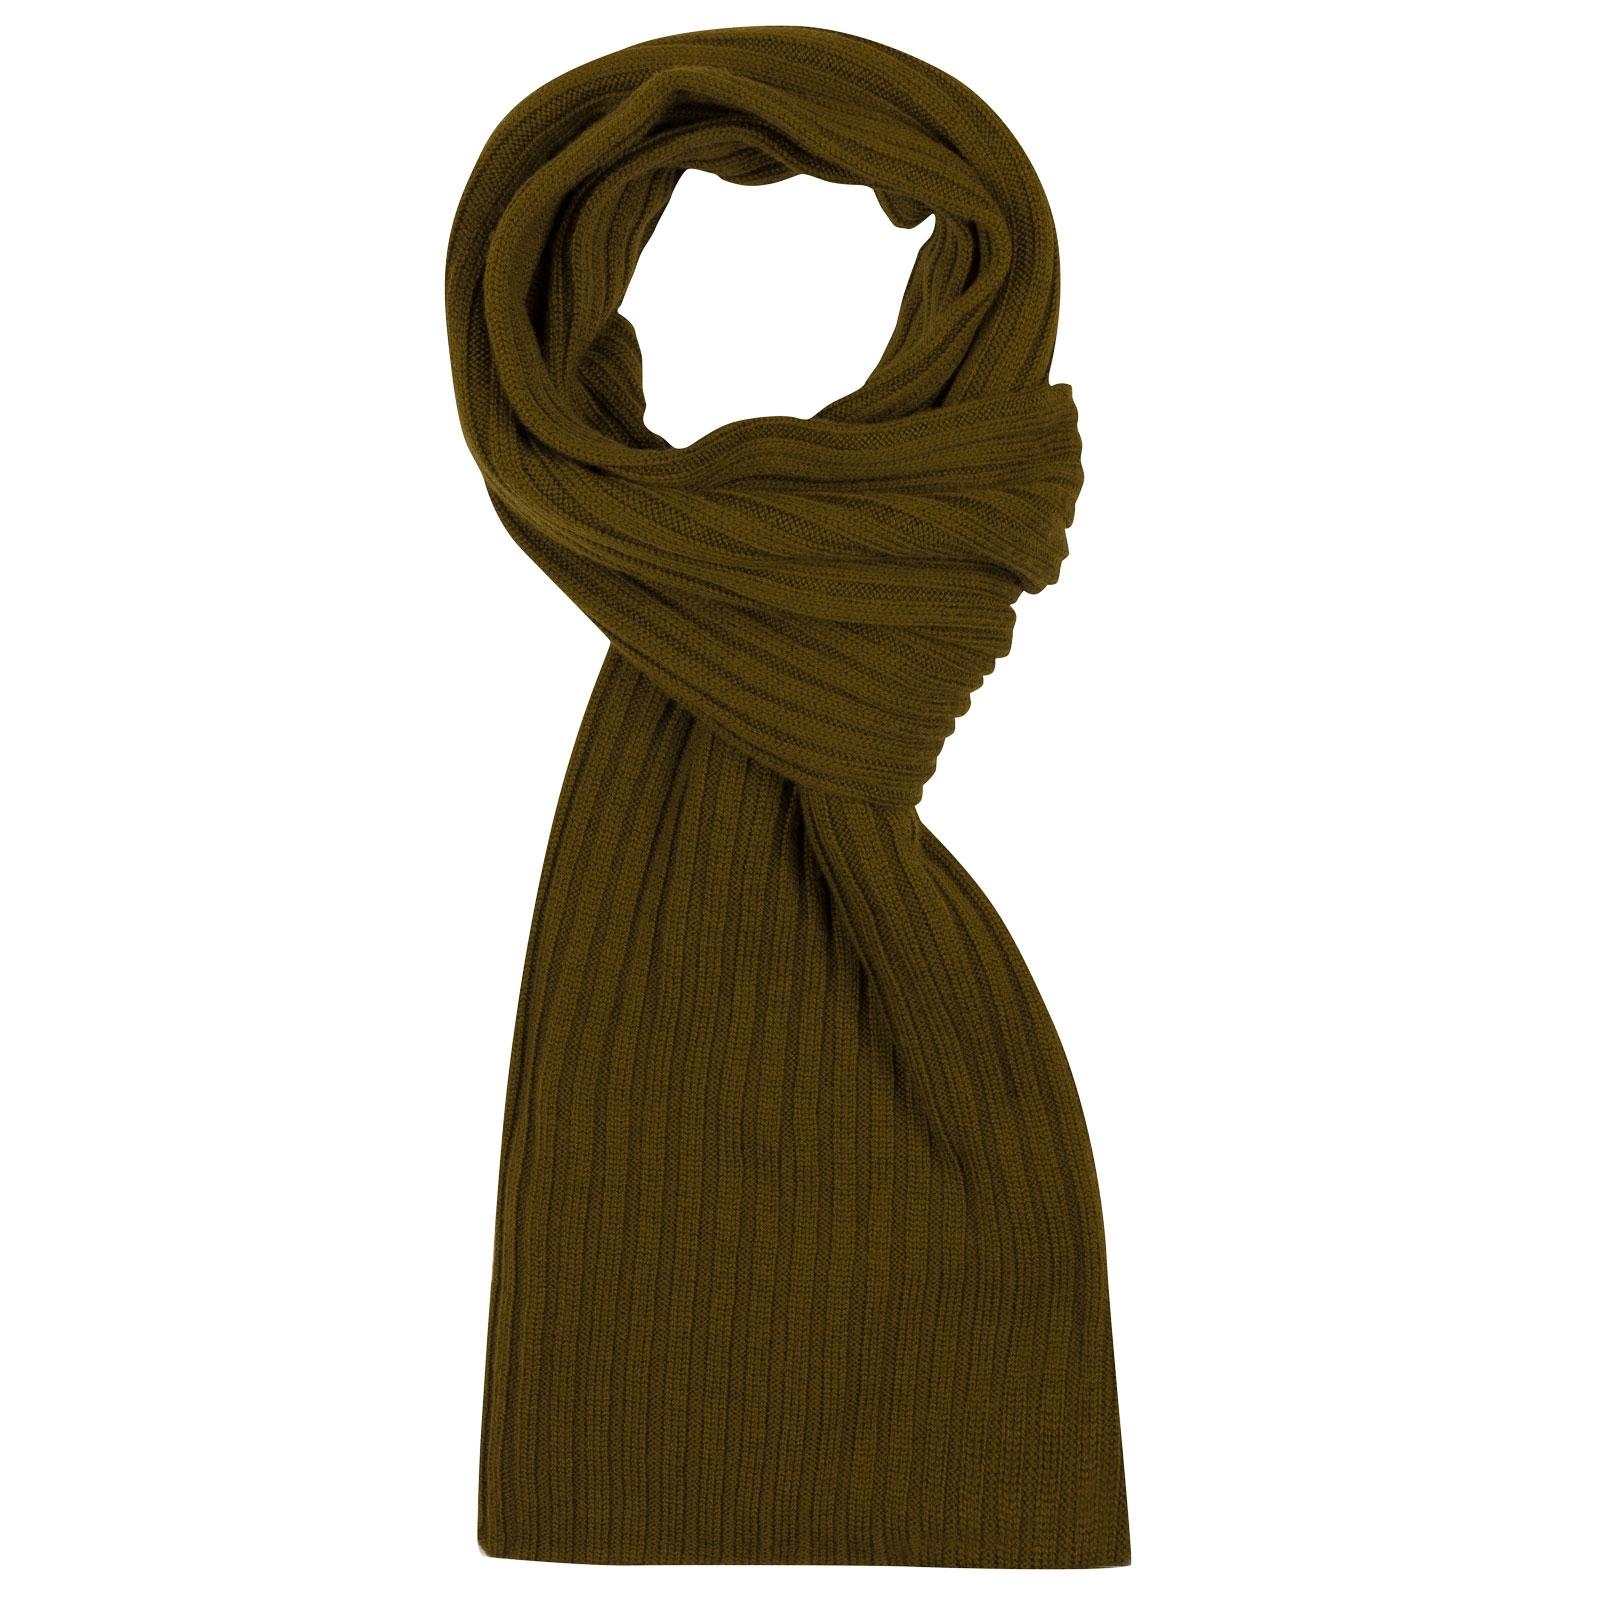 John Smedley Global Merino Wool Scarf in Khaki-ONE